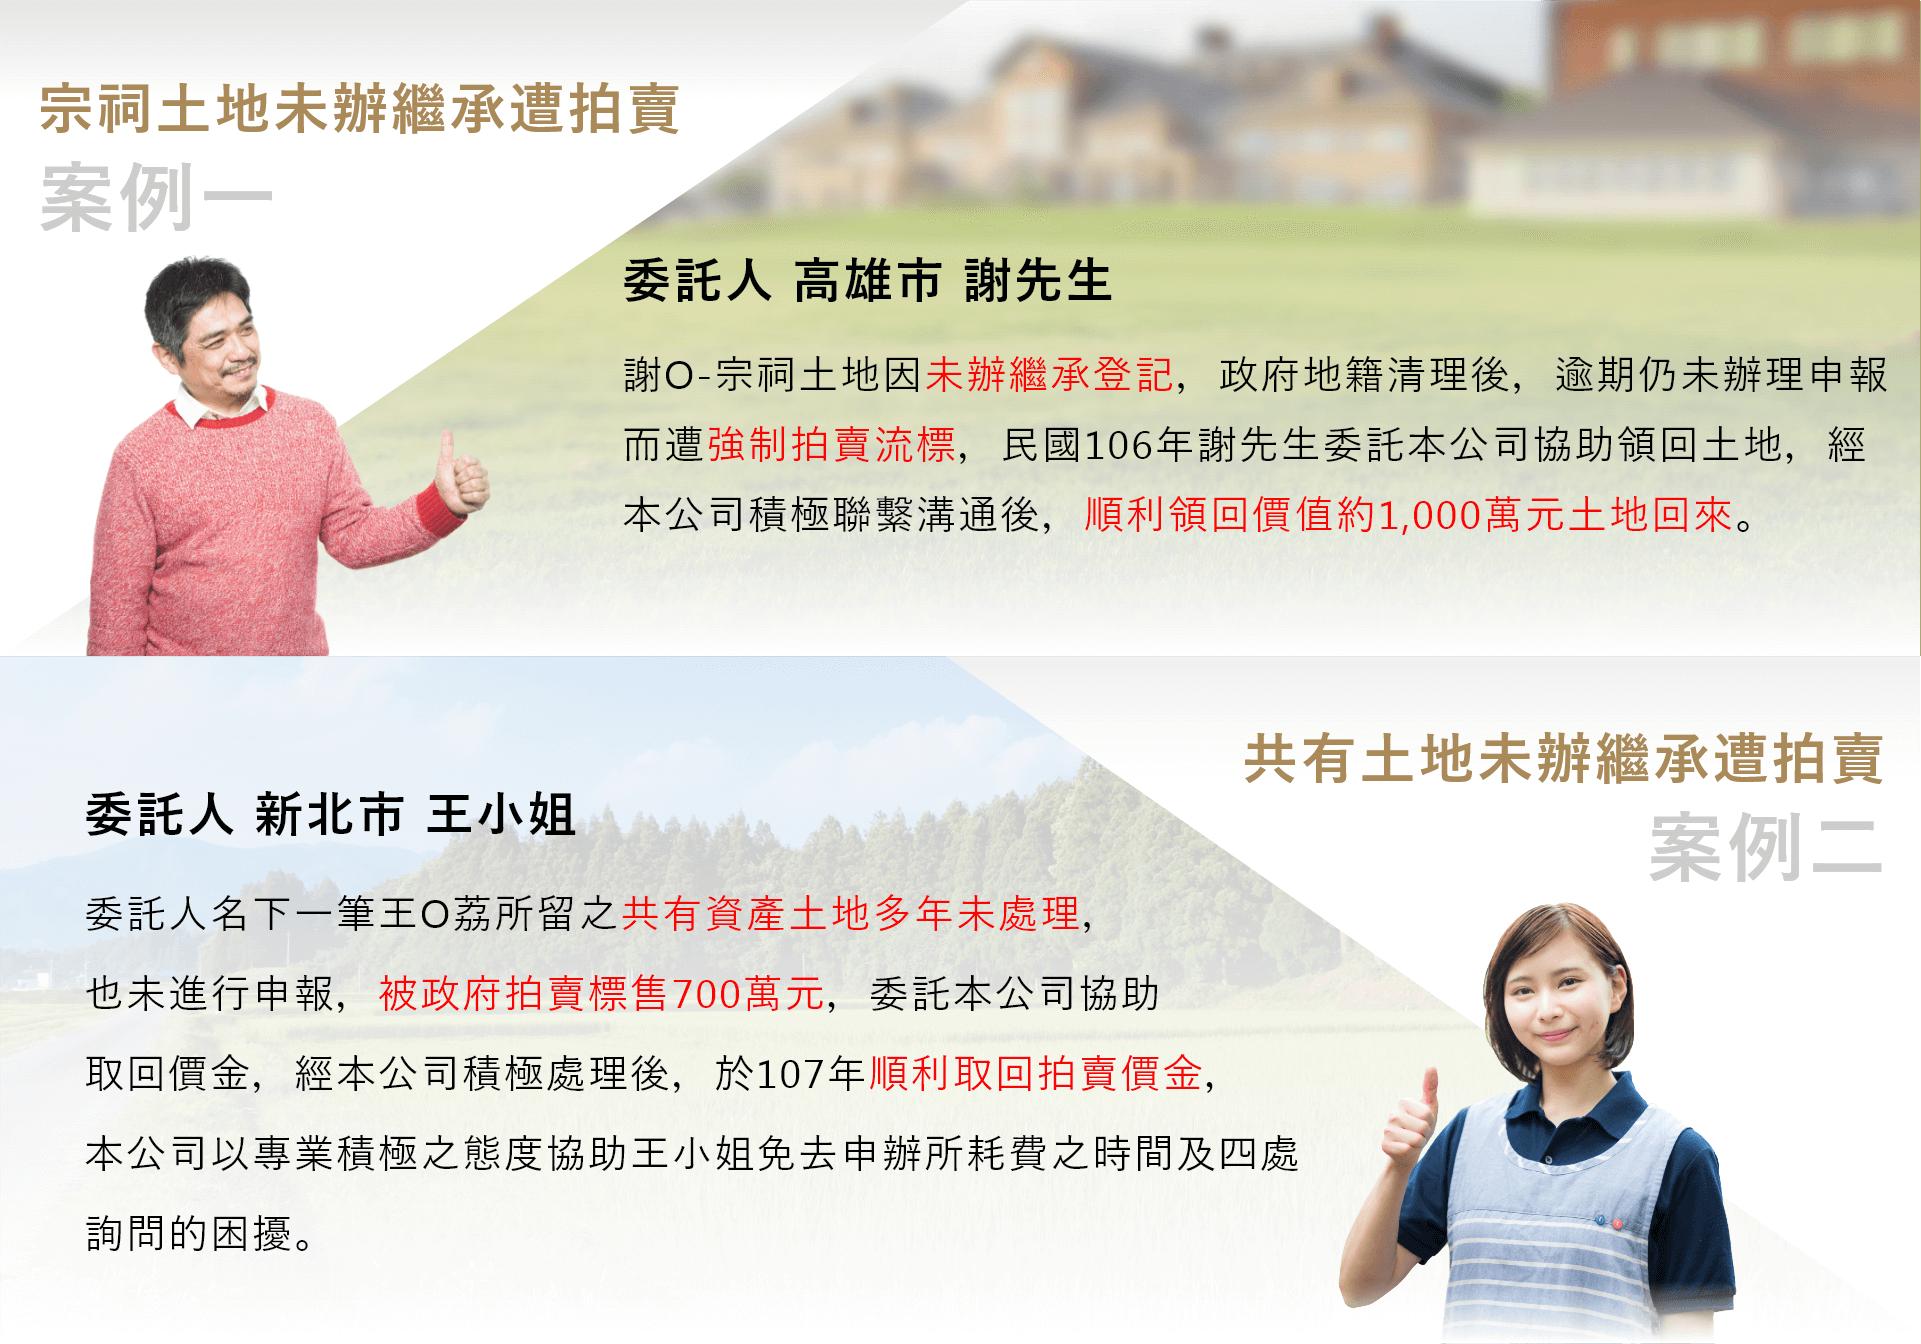 高雄謝先生逾期未辦理宗祠土地繼承,而遭政府強制拍賣,本團對於106年順利協助取回1000萬土地。